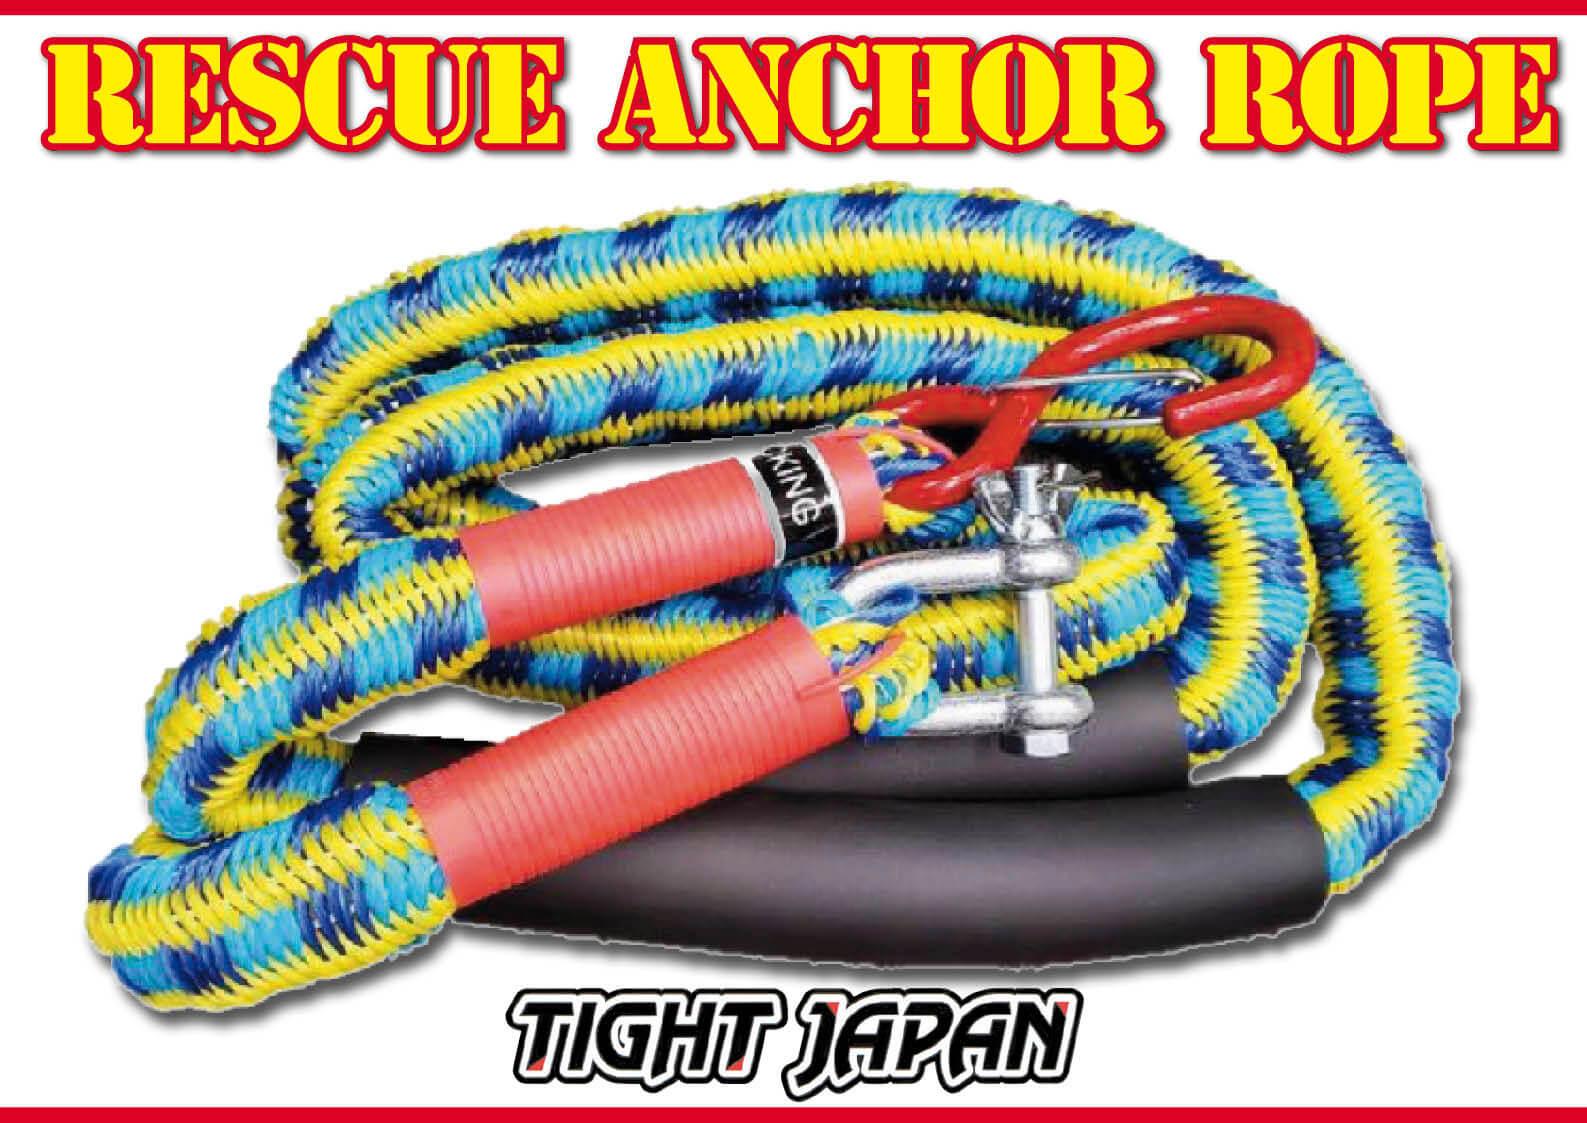 【新商品】ロープワークが苦手な人の救世主 タイトジャパンのレスキューアンカーロープ 2020年モデル発売 ジェットスキー(水上バイク)